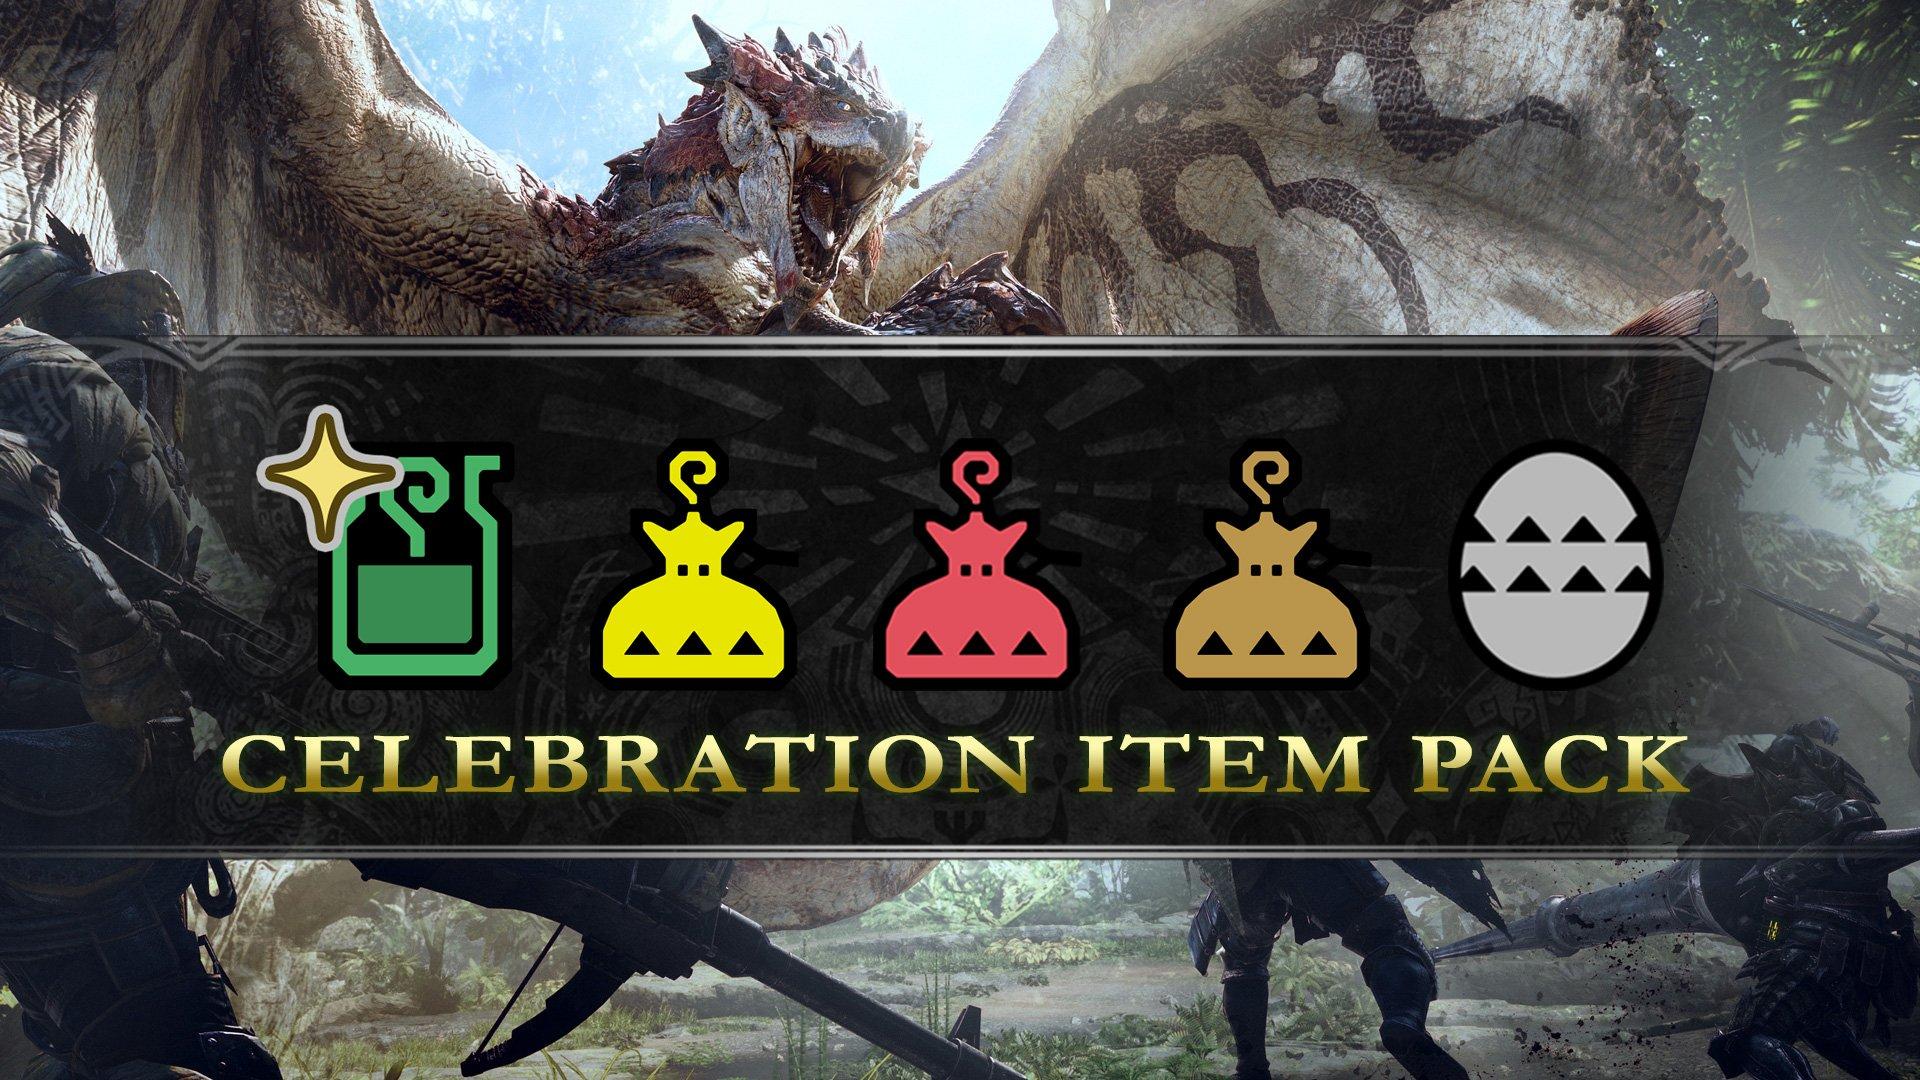 monster_hunter_world_5_million_celebration_item_pack_1